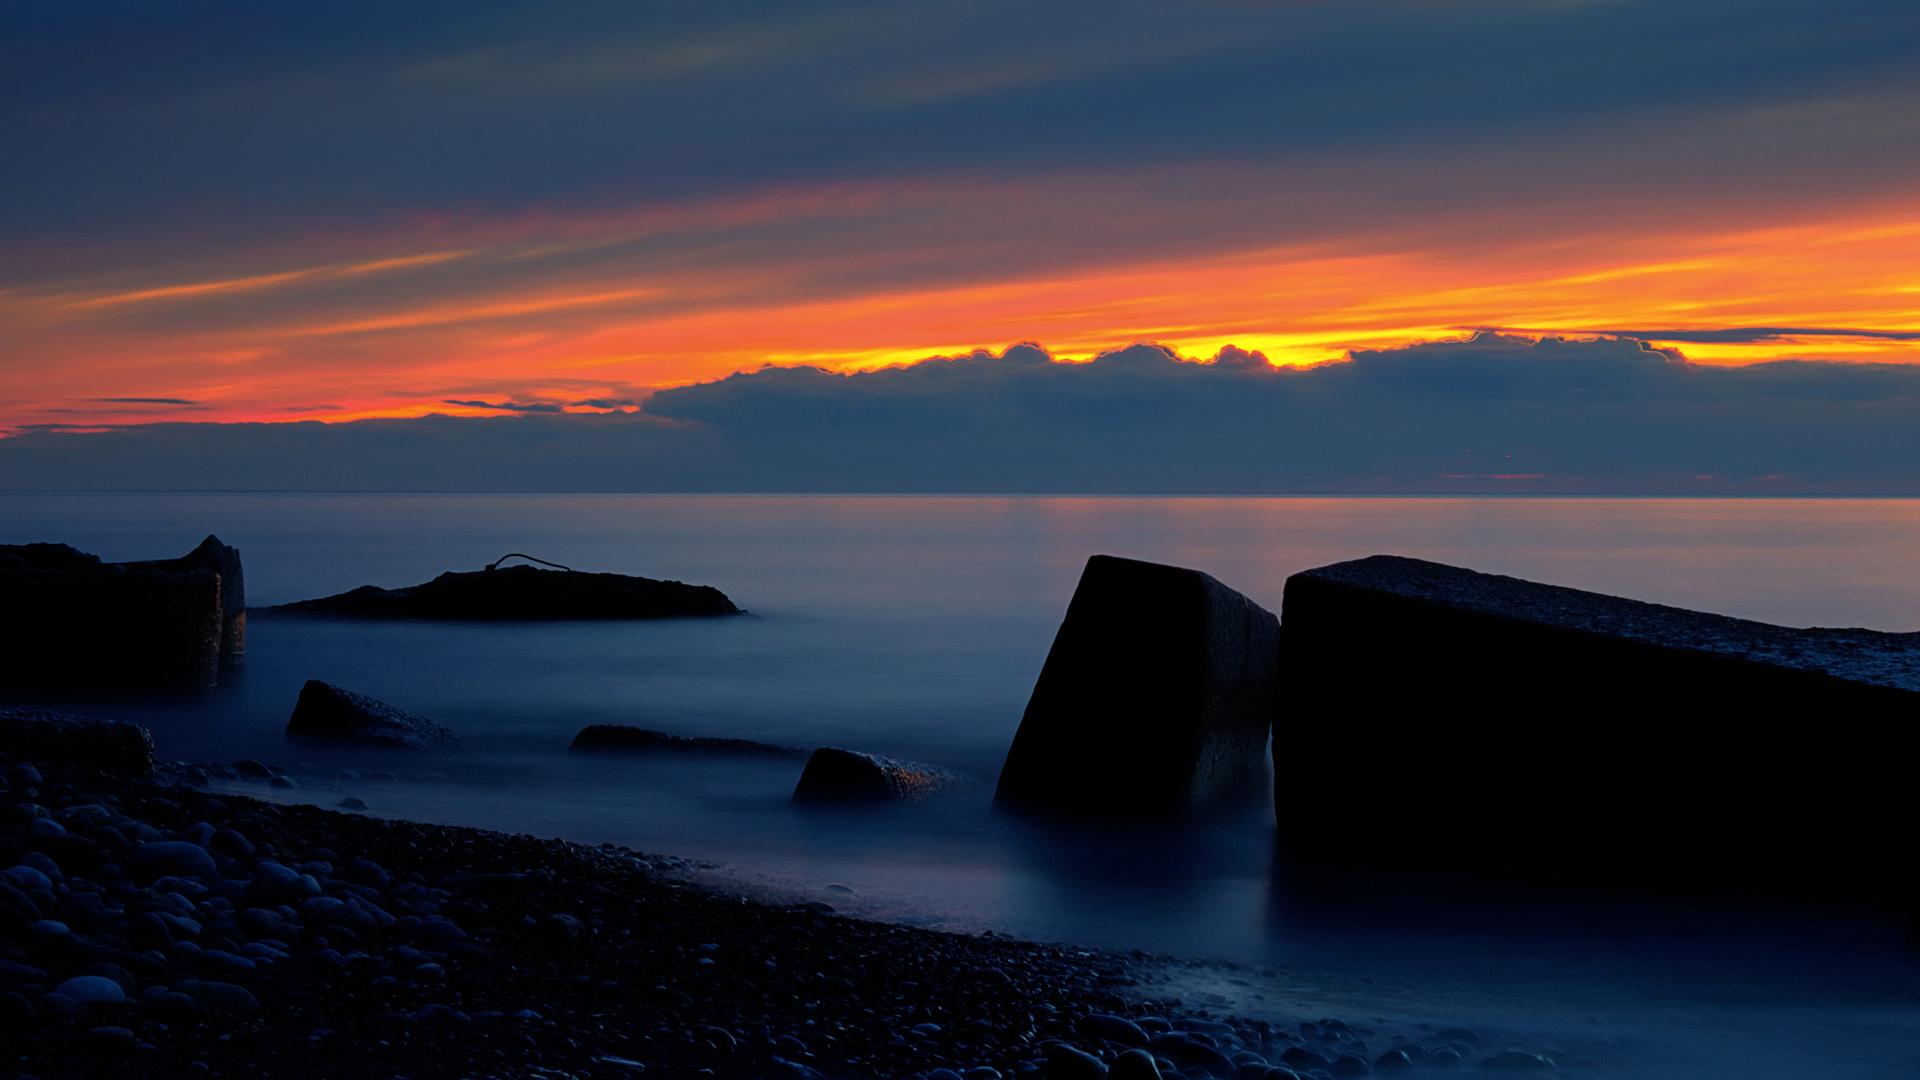 Горящий закат